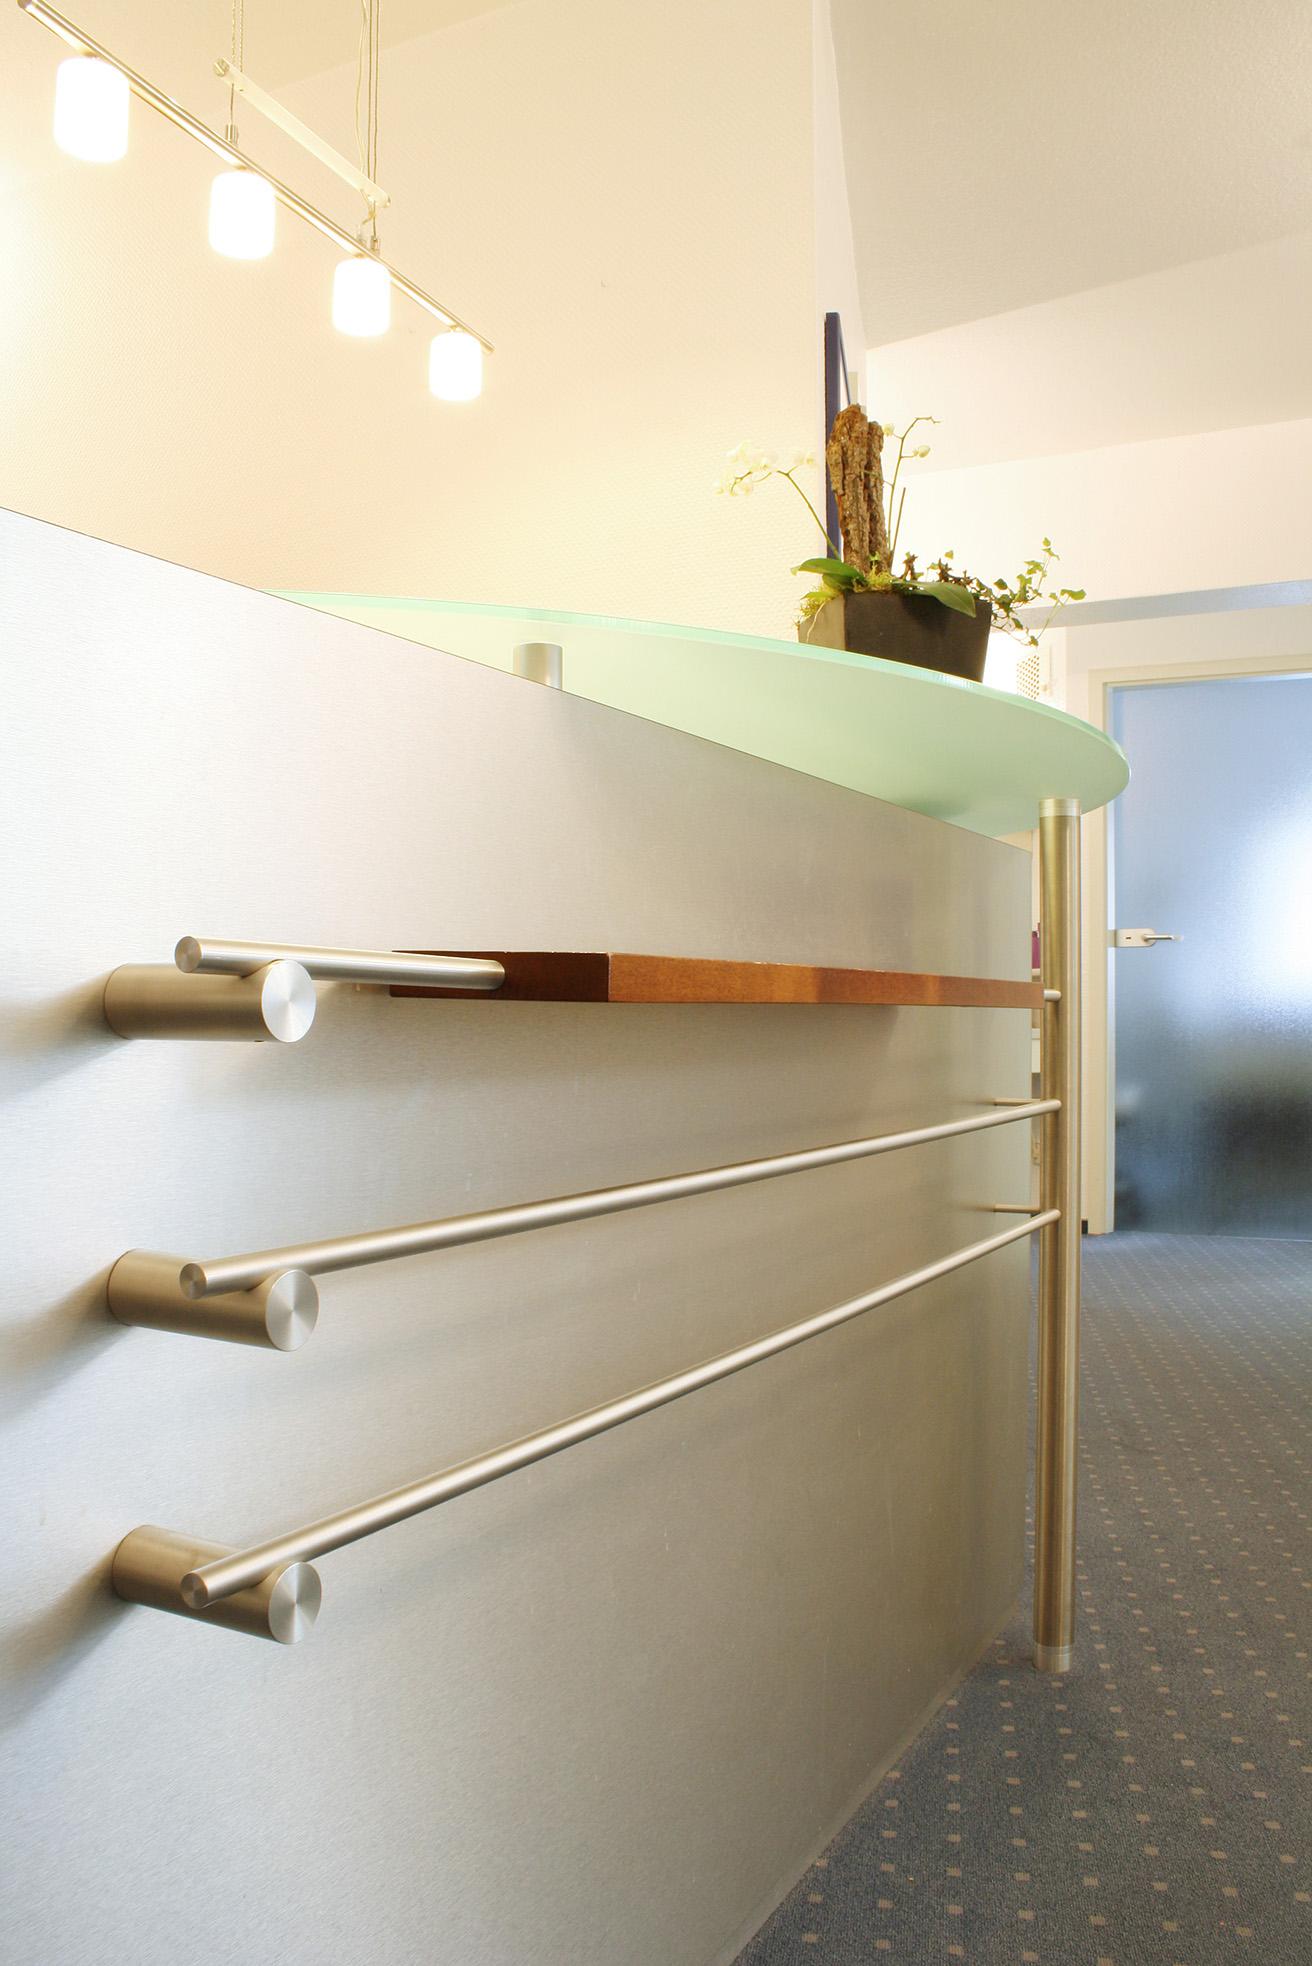 Entrée und Theke - gentner-design küche und möbeldesign mannheim